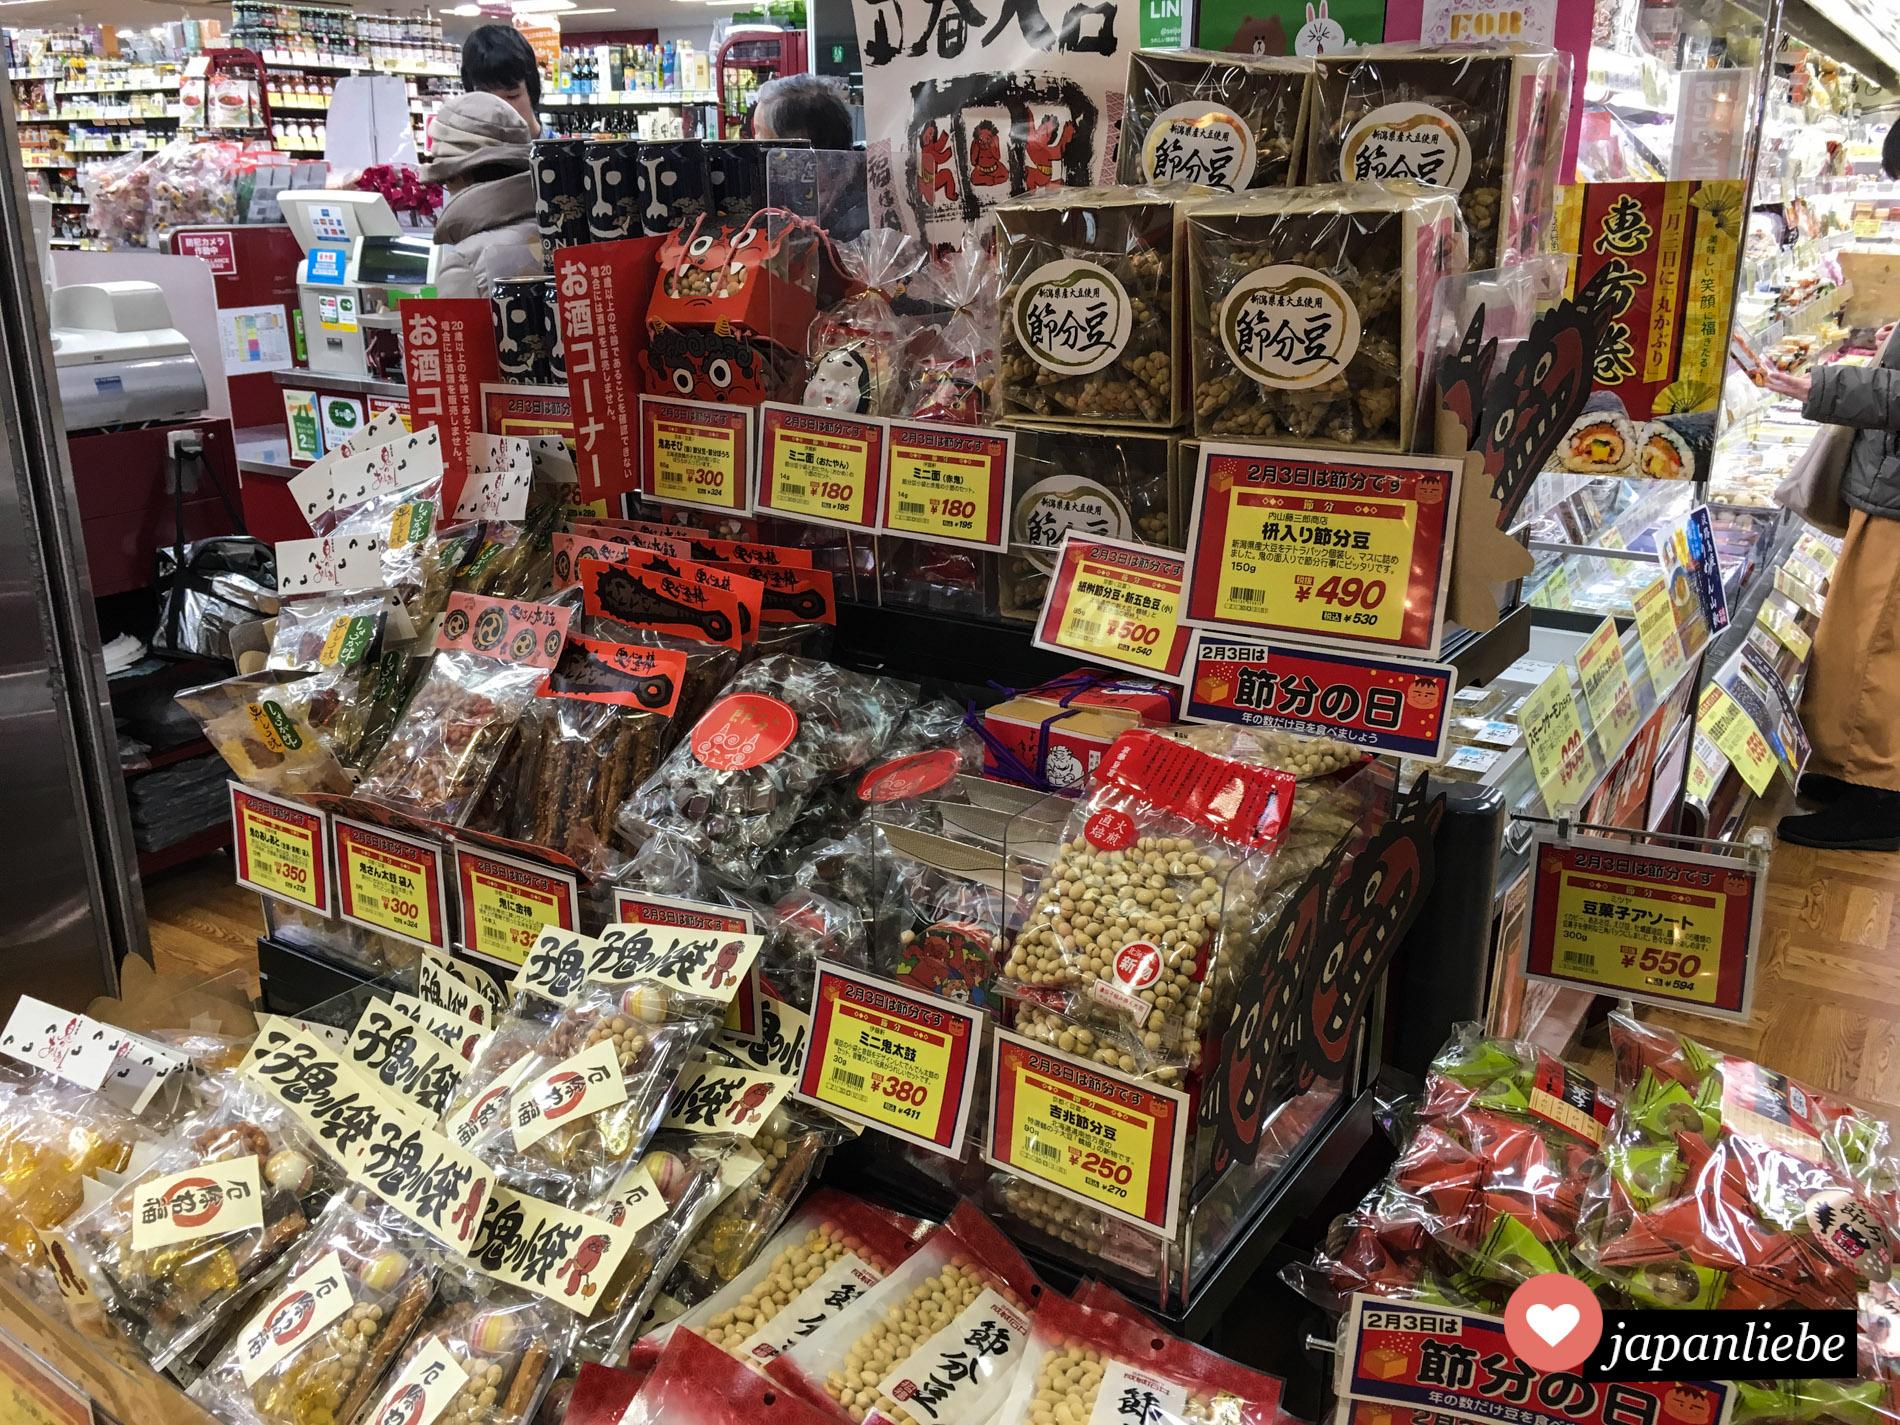 Ein Display im Supermarkt für Setsubun-Bohnen, die man am 03. Februar nach Dämonen wirft.